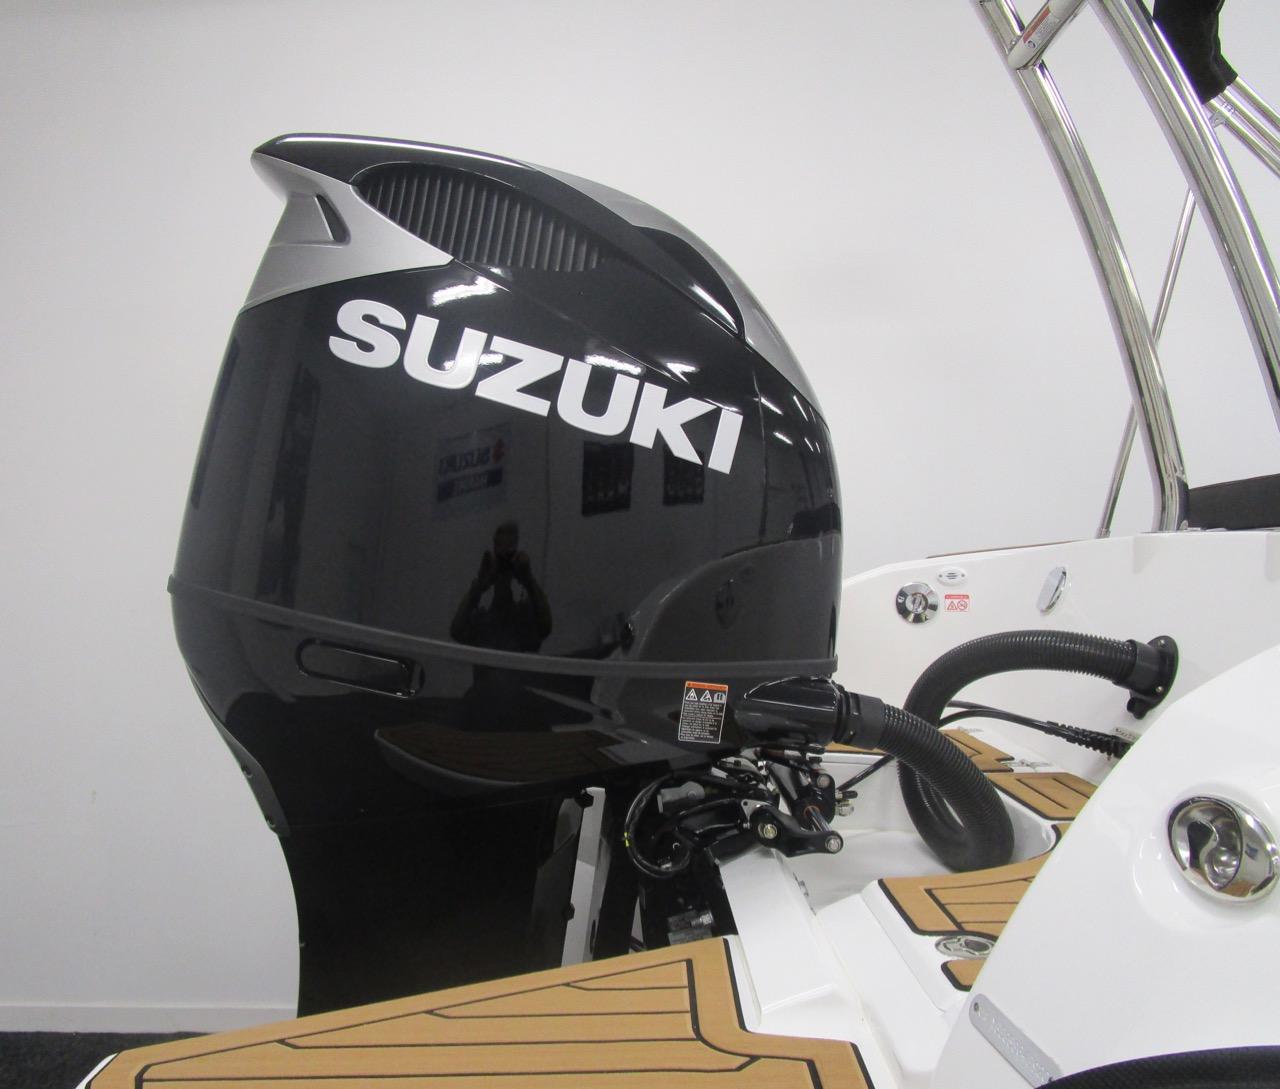 Suzuki DF350ATXX outboard graphics